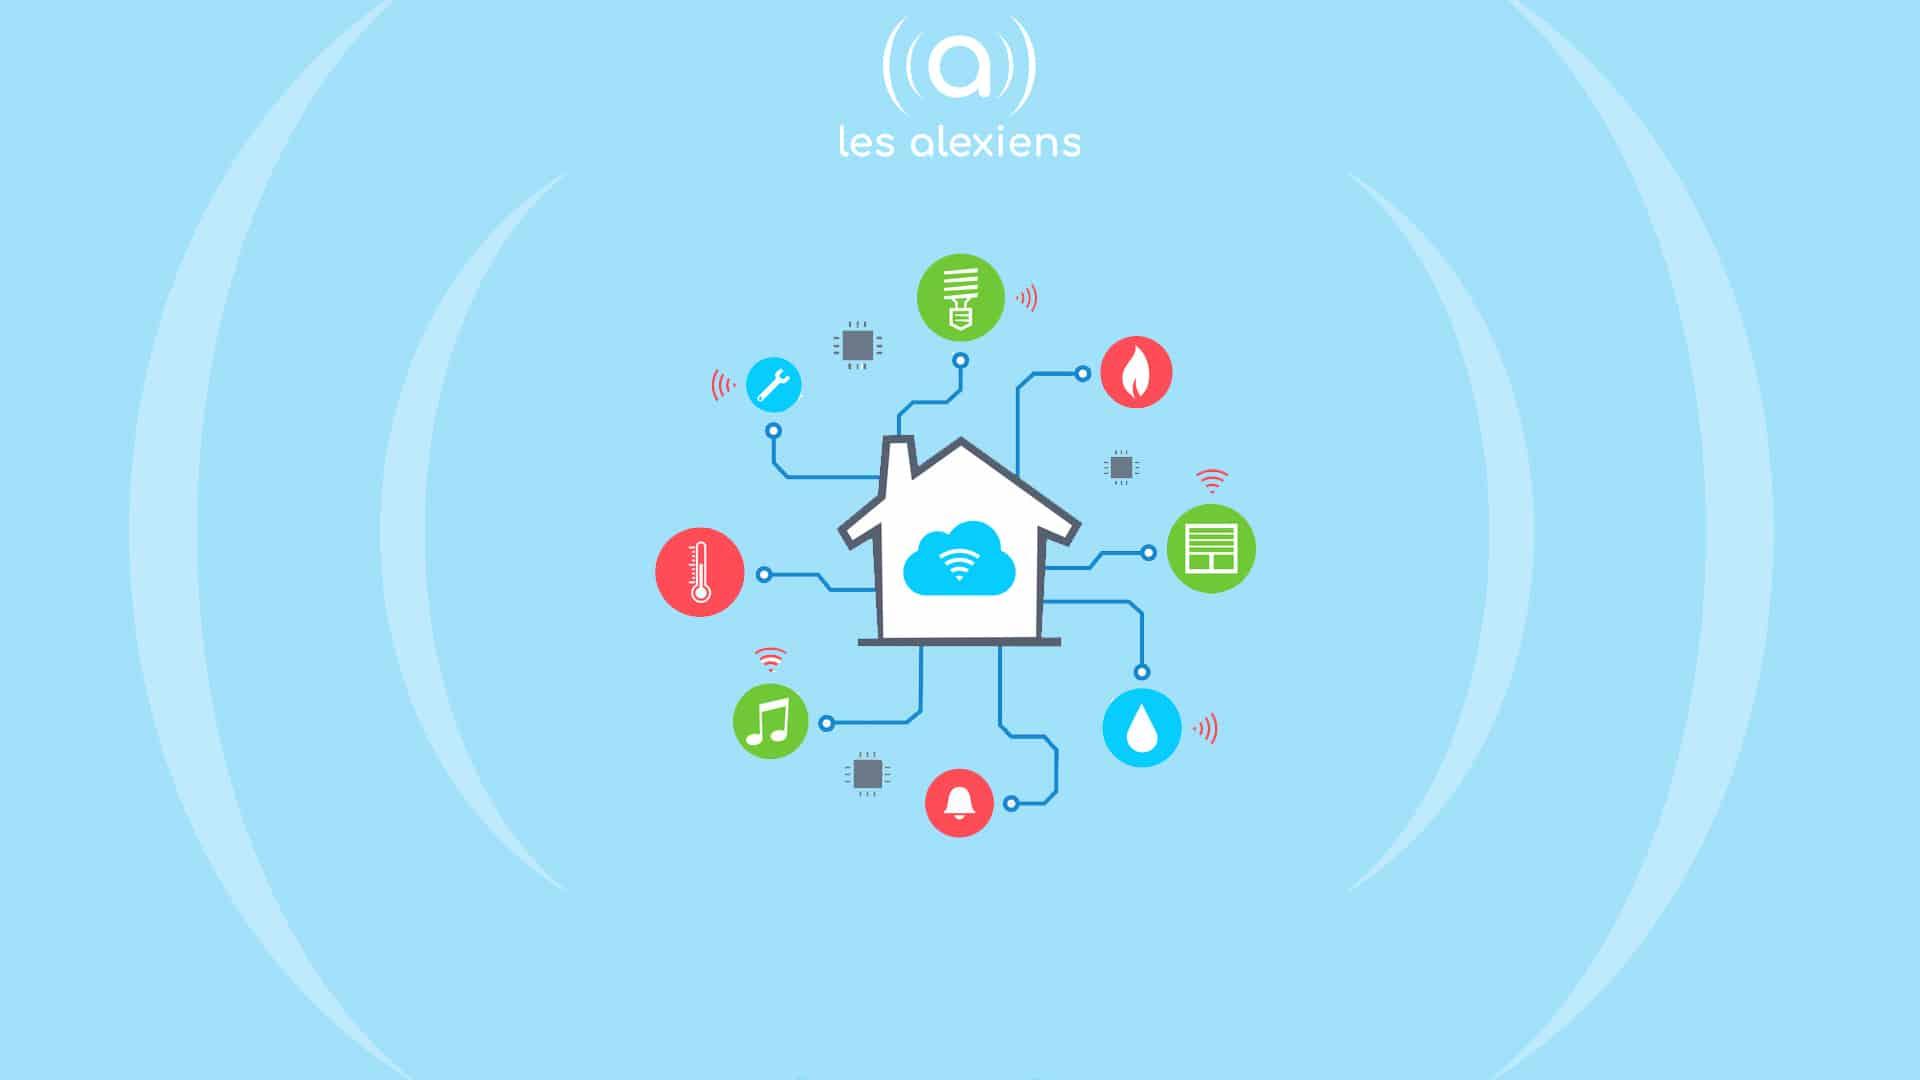 Notre top 10 des objets connectés indispensable en smart home